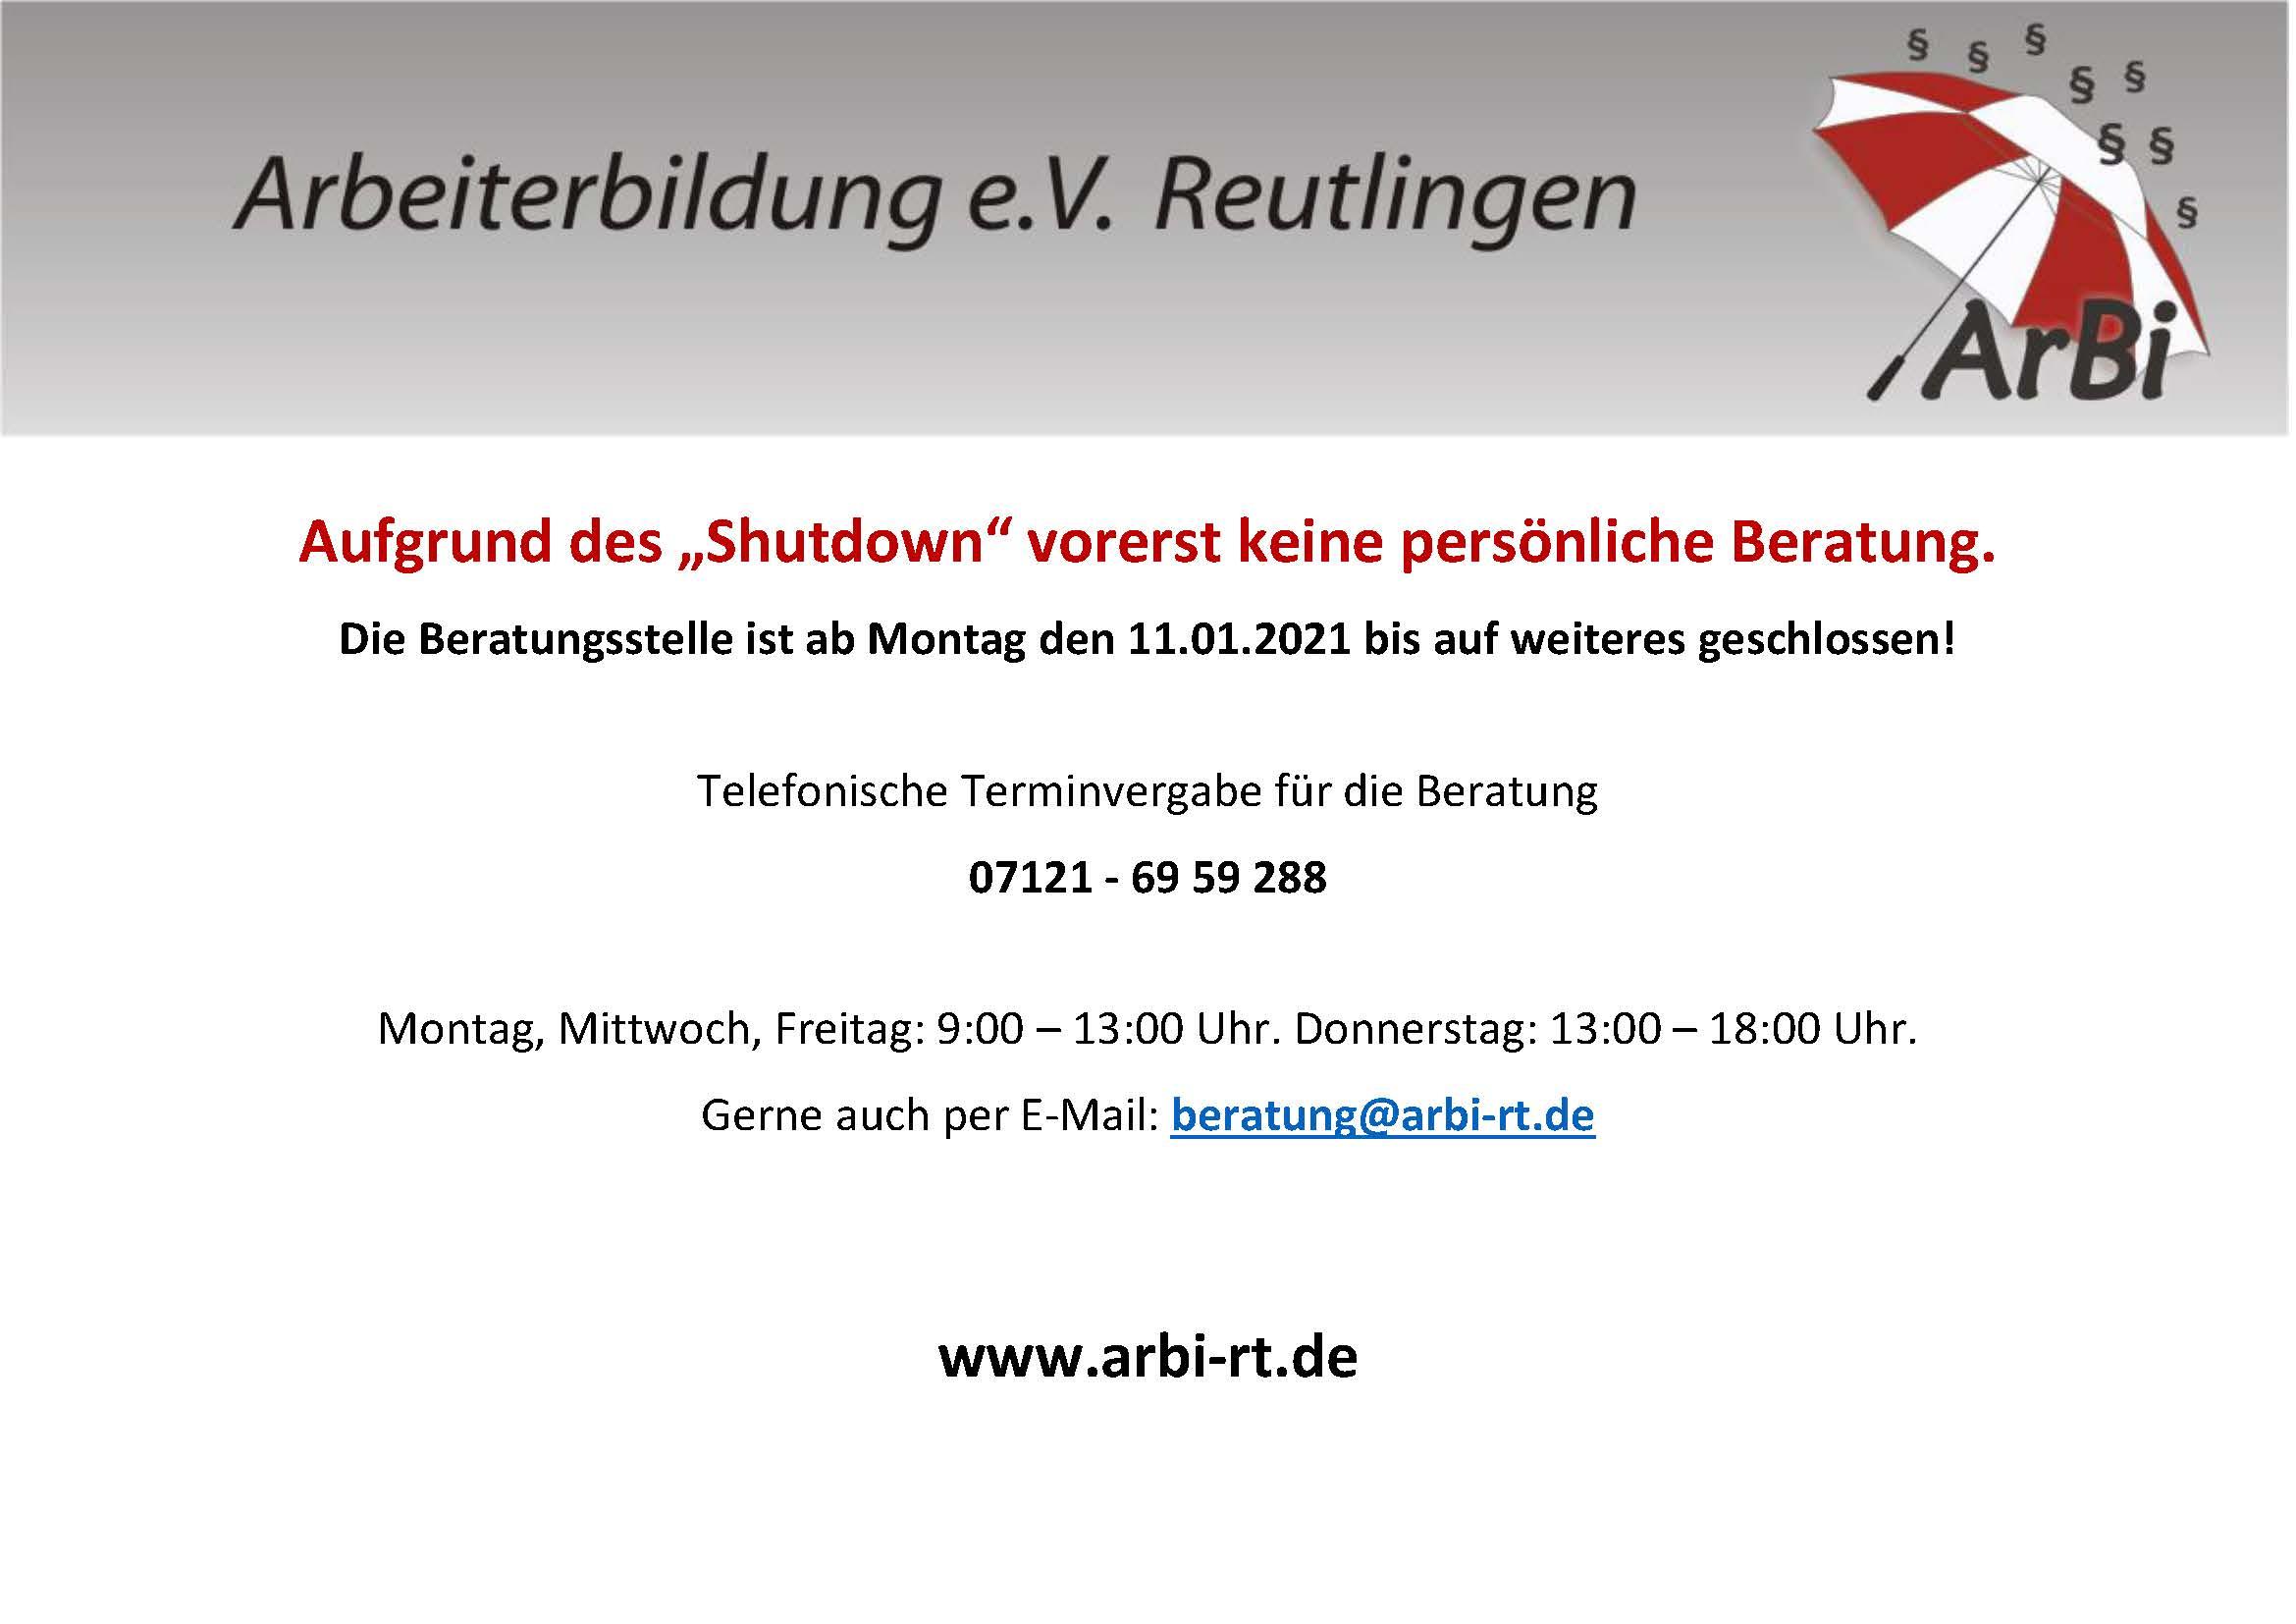 ArBi Einschränkungen wg Corona Shutdown